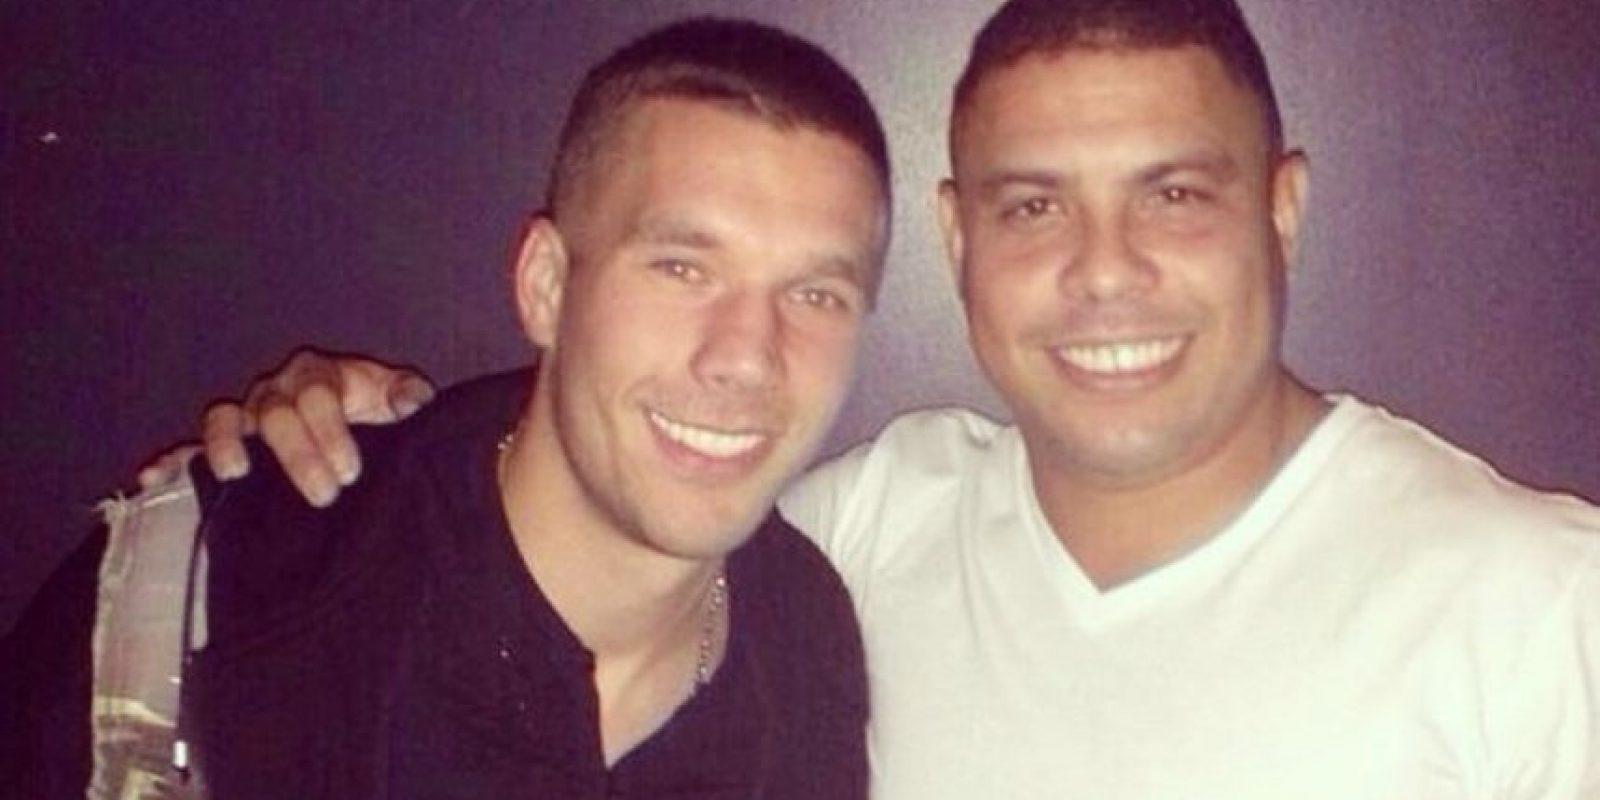 Aquí al lado de Ronaldo Foto:Instagram: @poldi_official